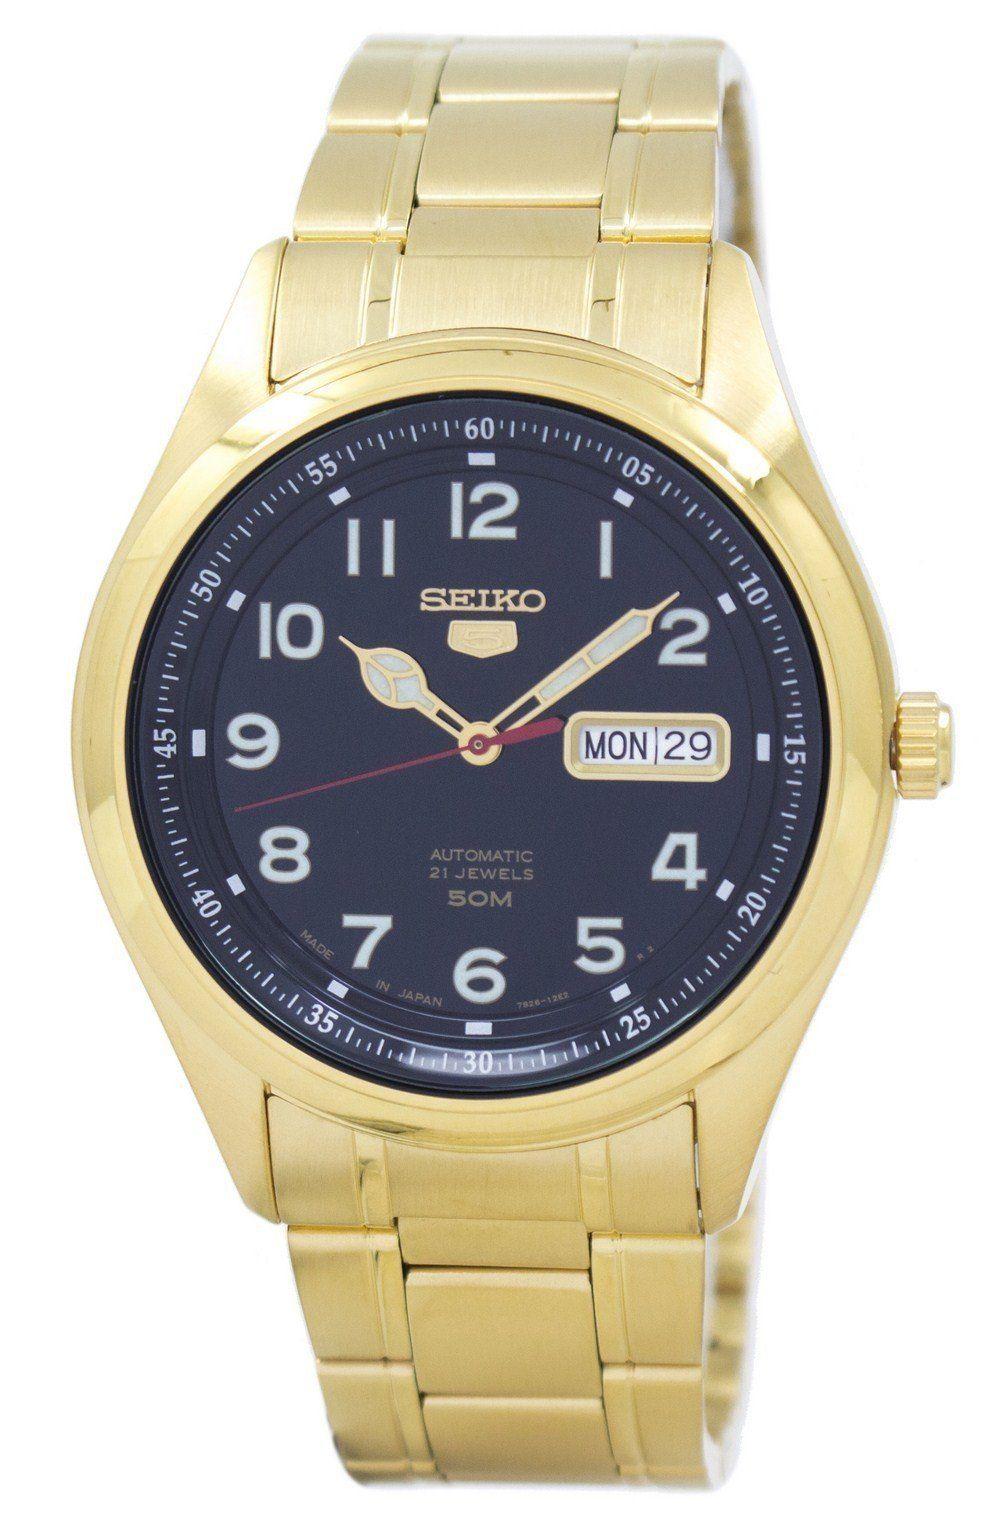 นาฬิกาผู้ชาย Seiko รุ่น SNKP08J1, Seiko 5 Automatic Japan